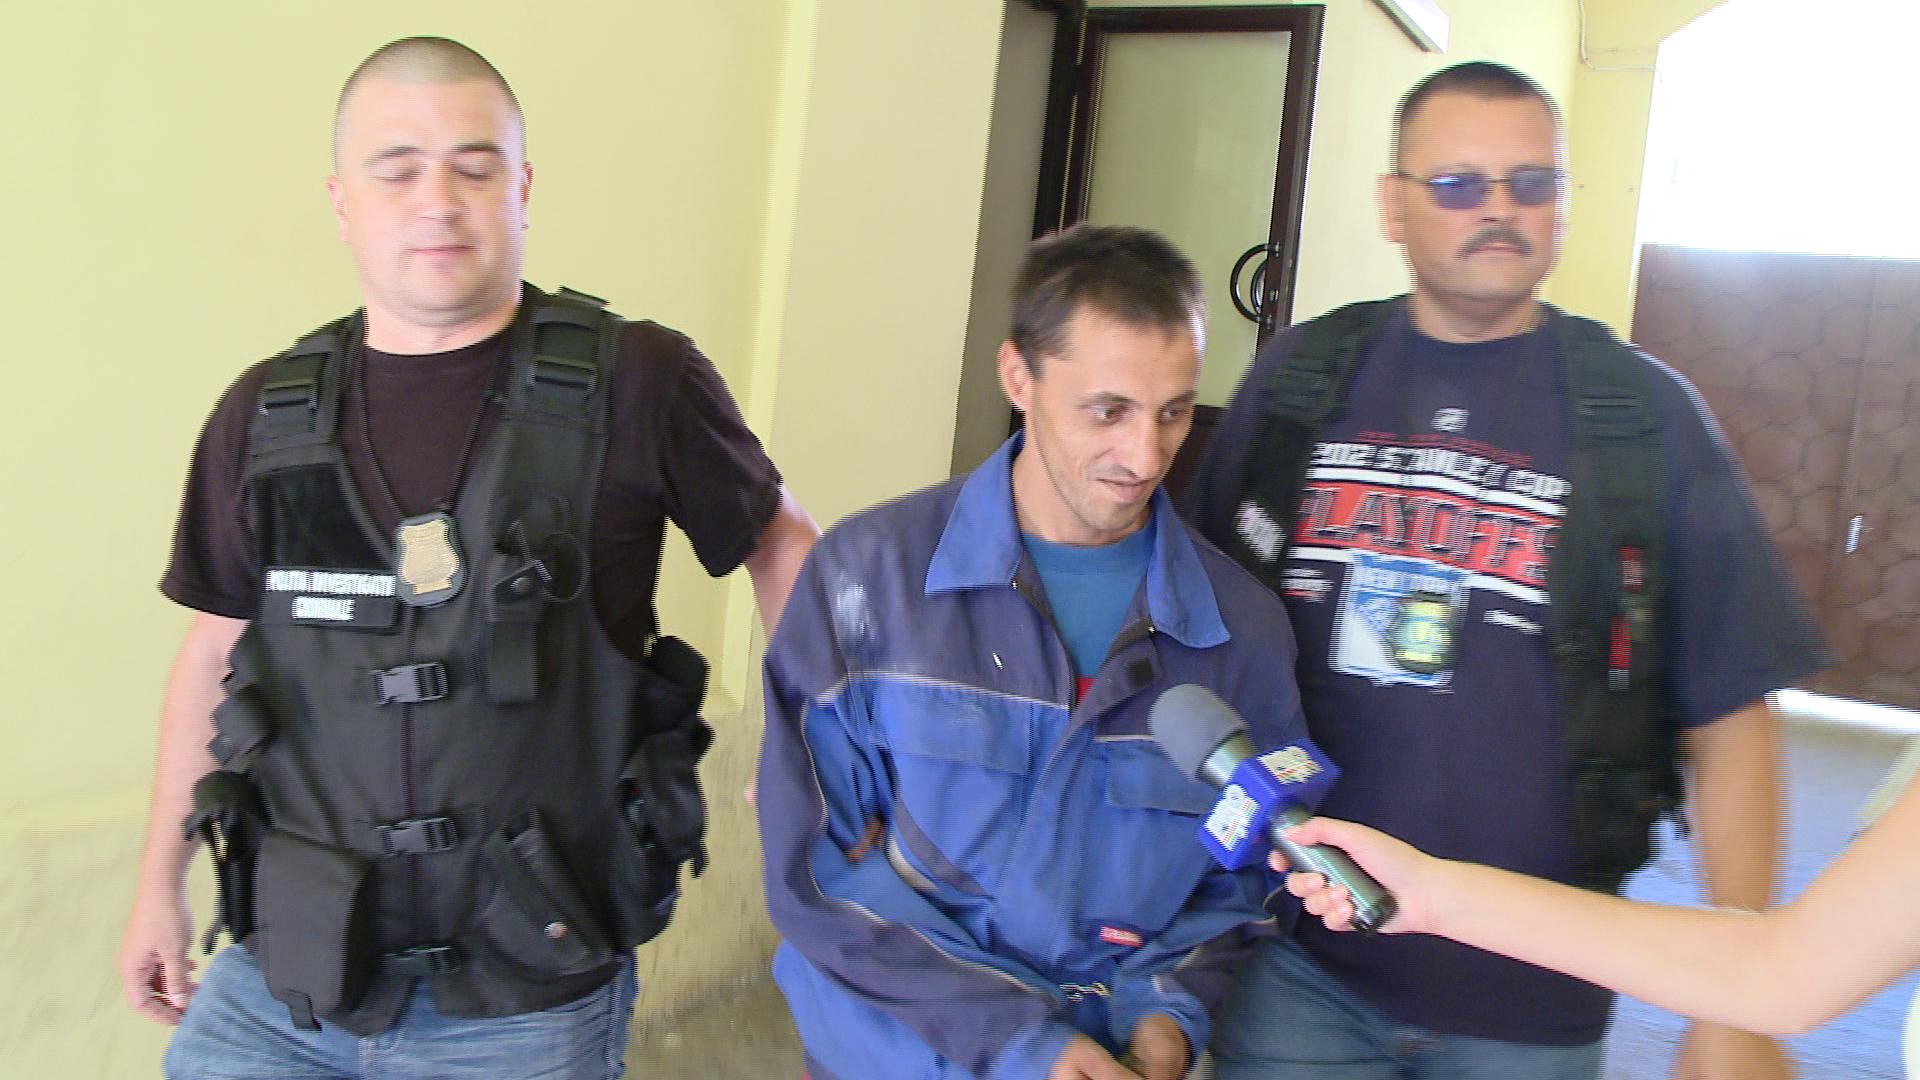 Un barbat cautat de autoritatile din Italia pentru comiterea unei crime a fost prins in Timis